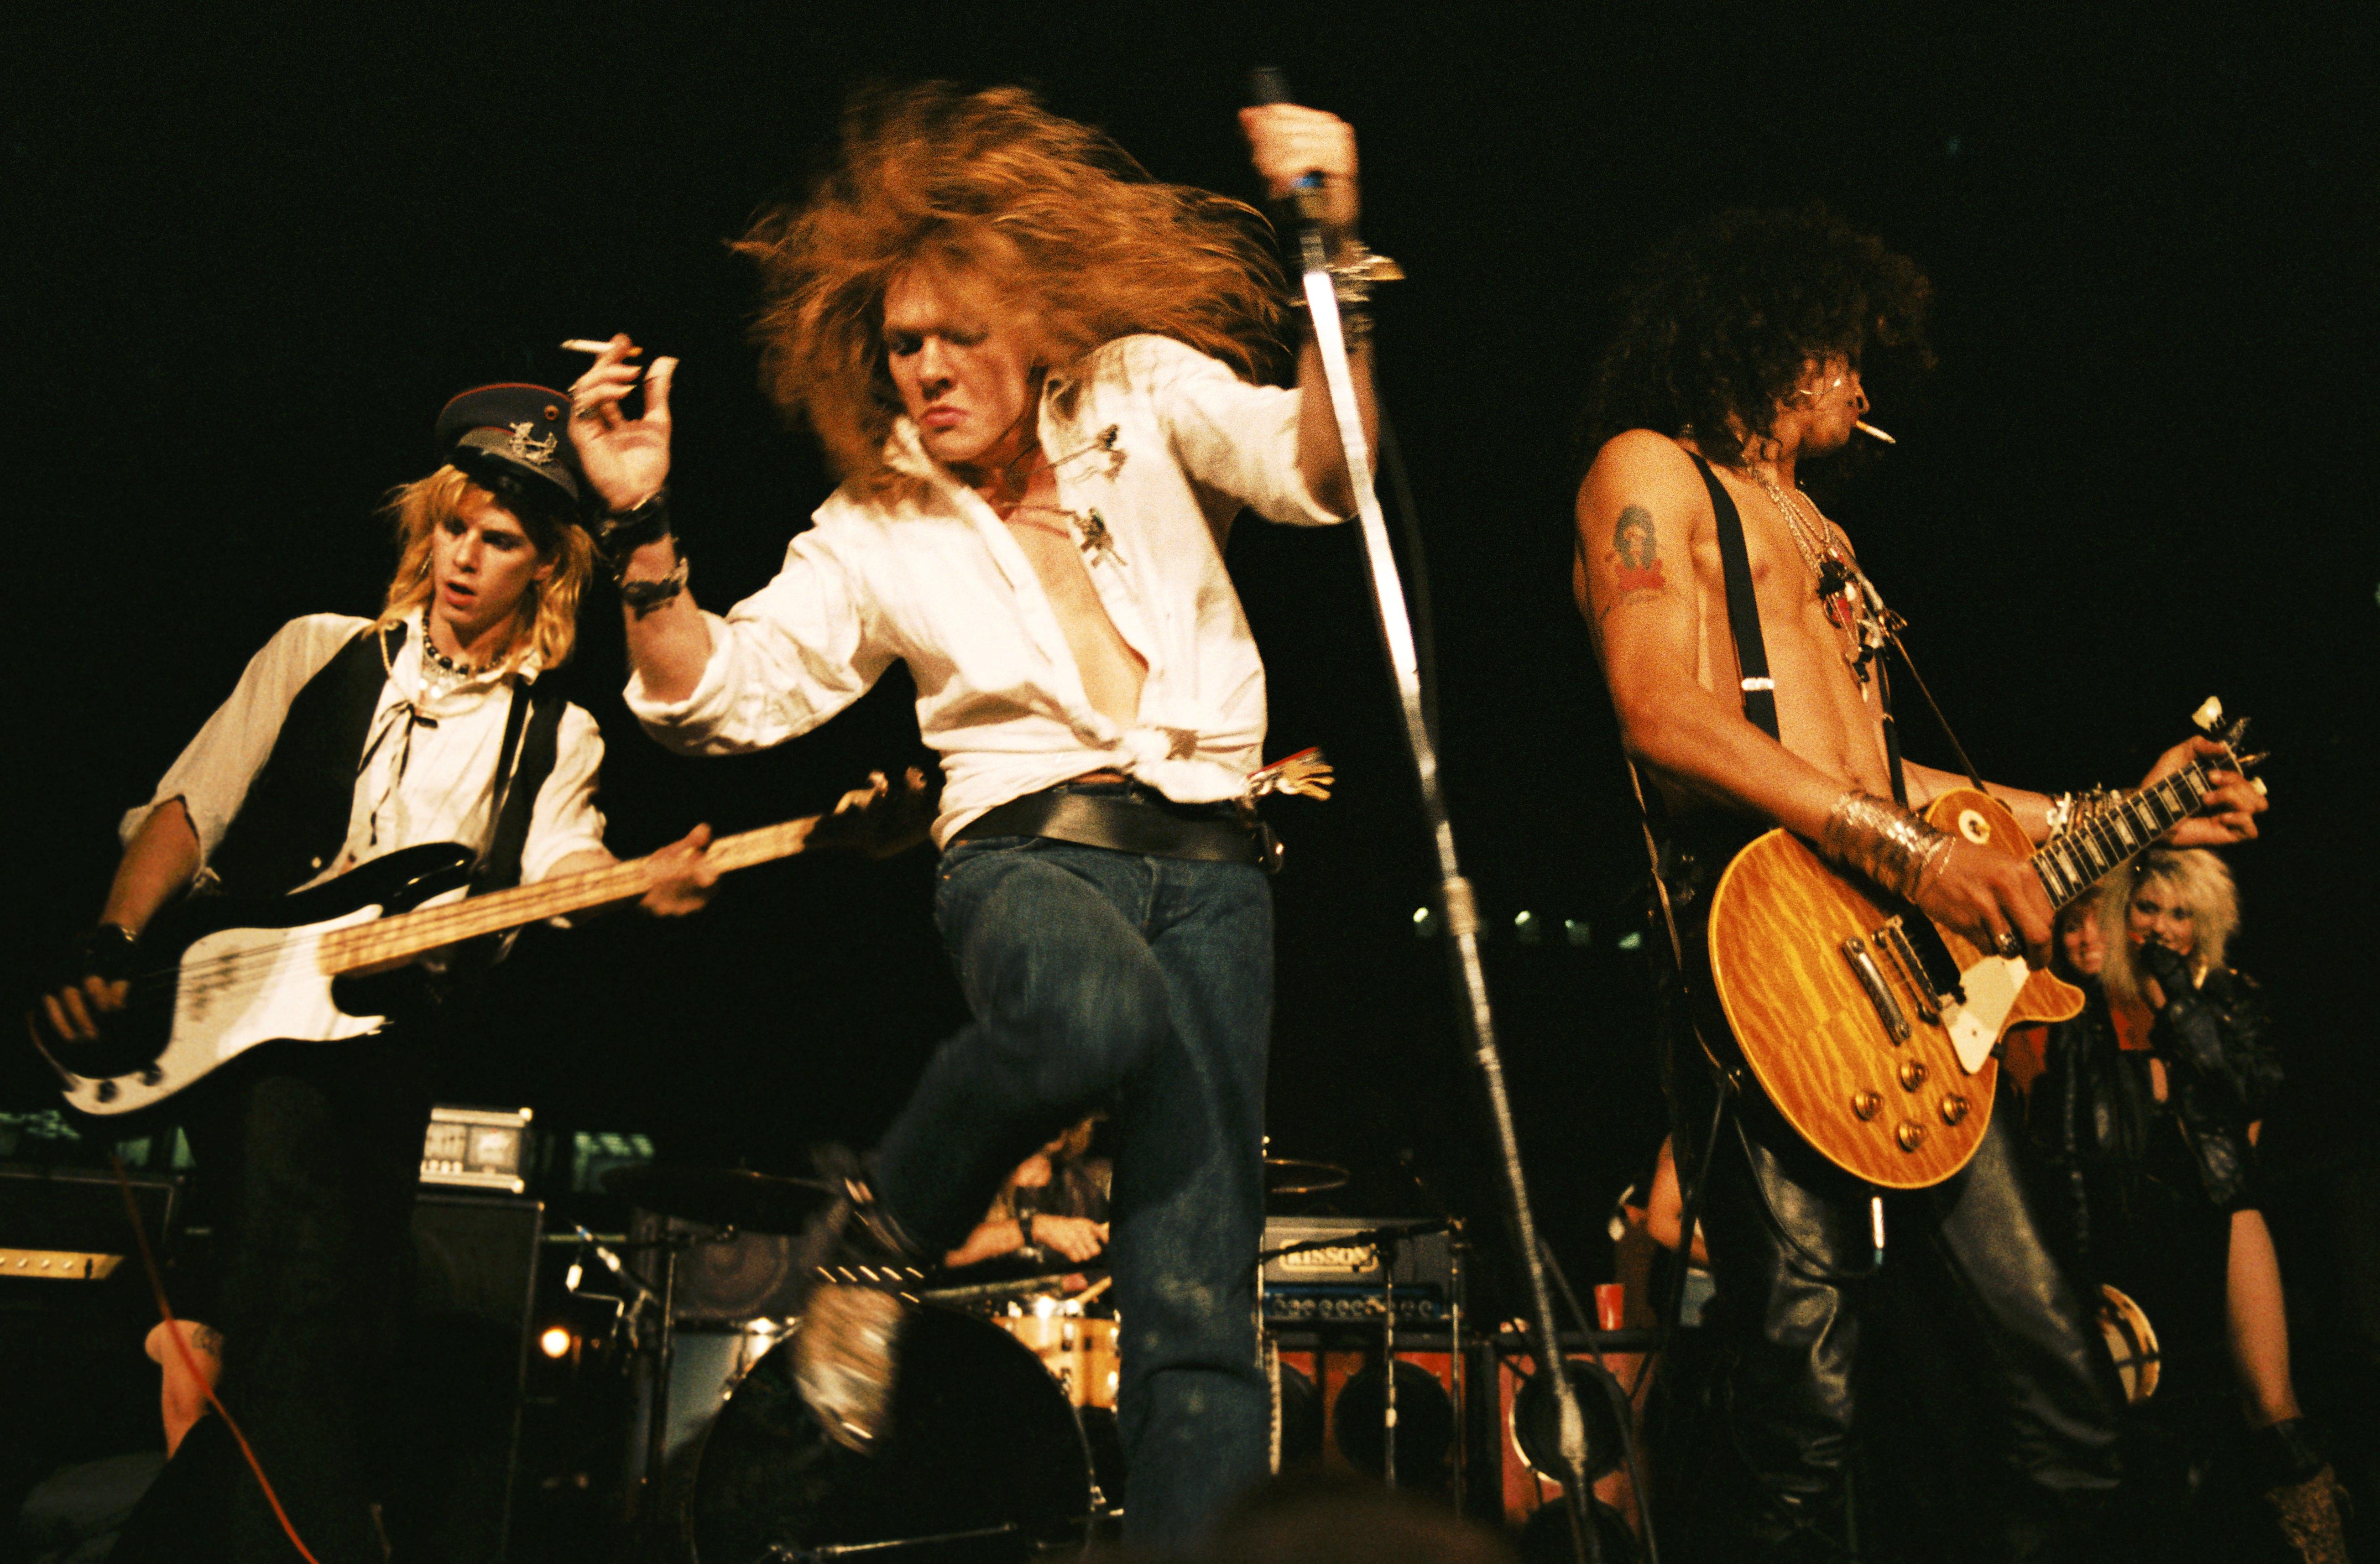 """Guns N'Roses """"Sweet Child O' Mine"""" ist erstes Musikvideo aus den 80ern mit 1 Milliarde..."""